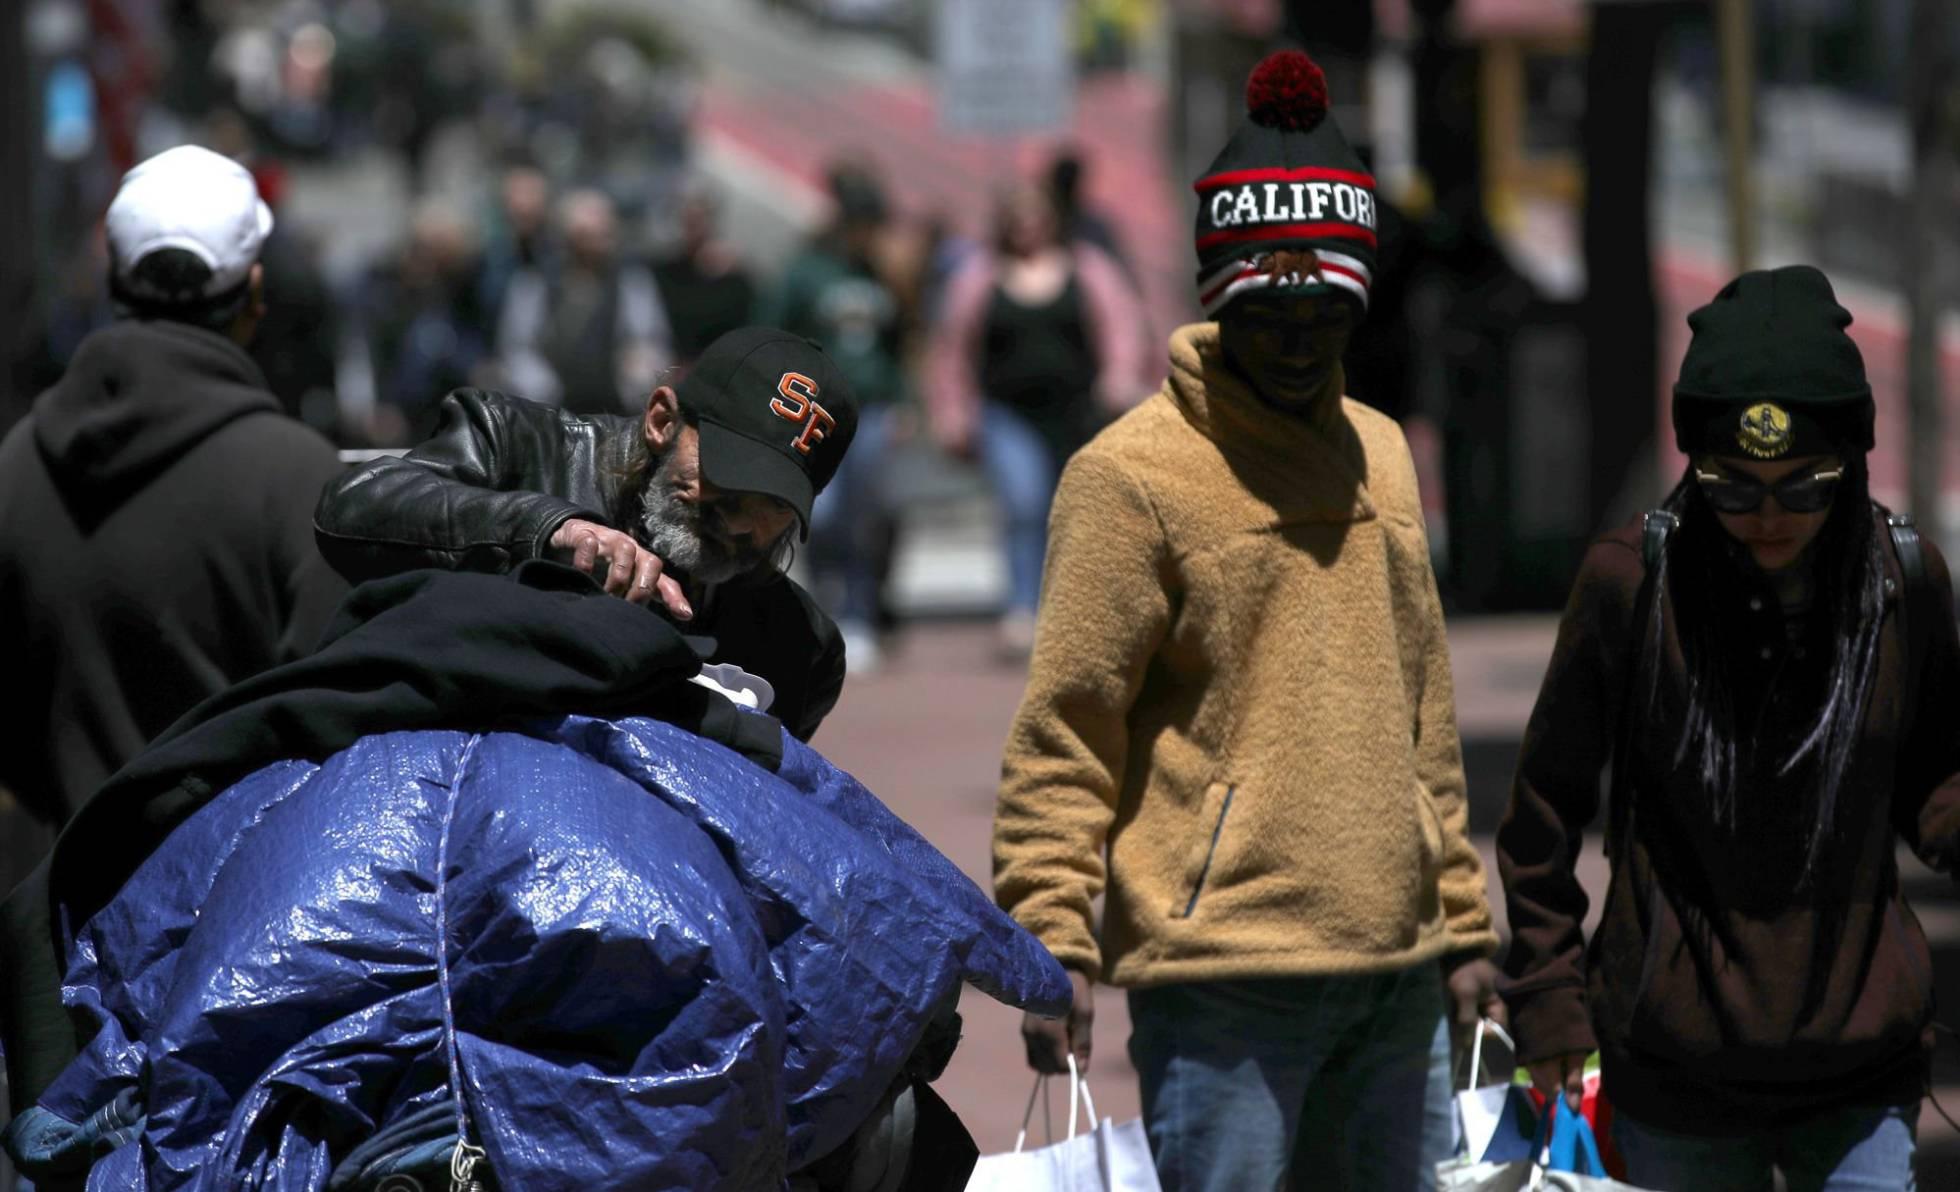 La miseria invade las aceras de San Francisco